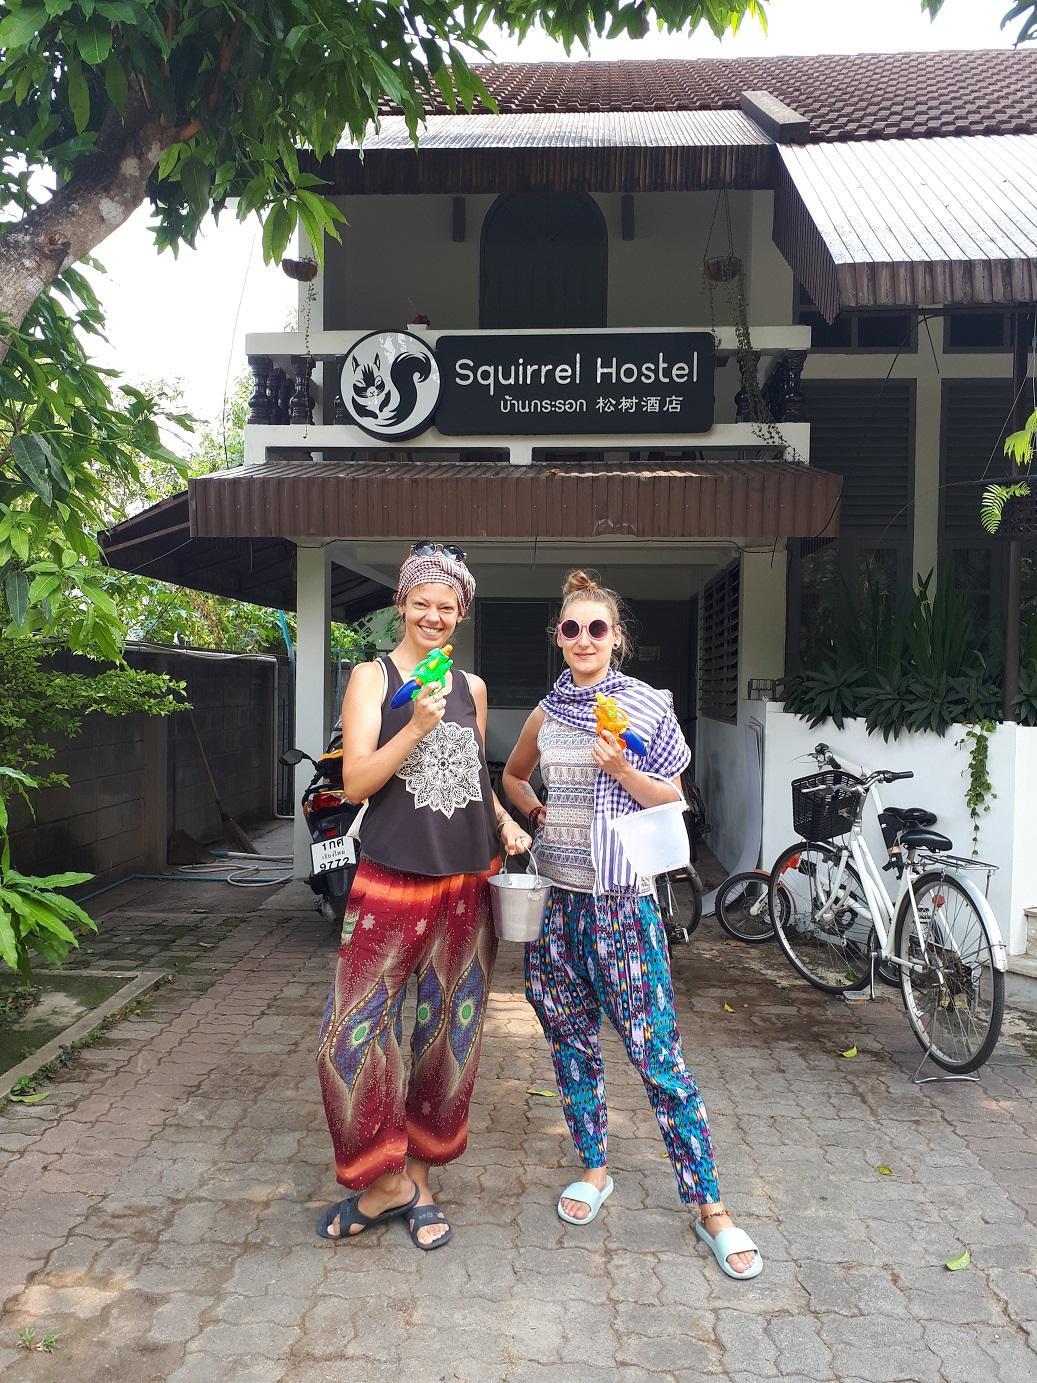 magazynkobiet.pl - 20180414 132511 - Tajlandia – jeden kraj, dwa oblicza